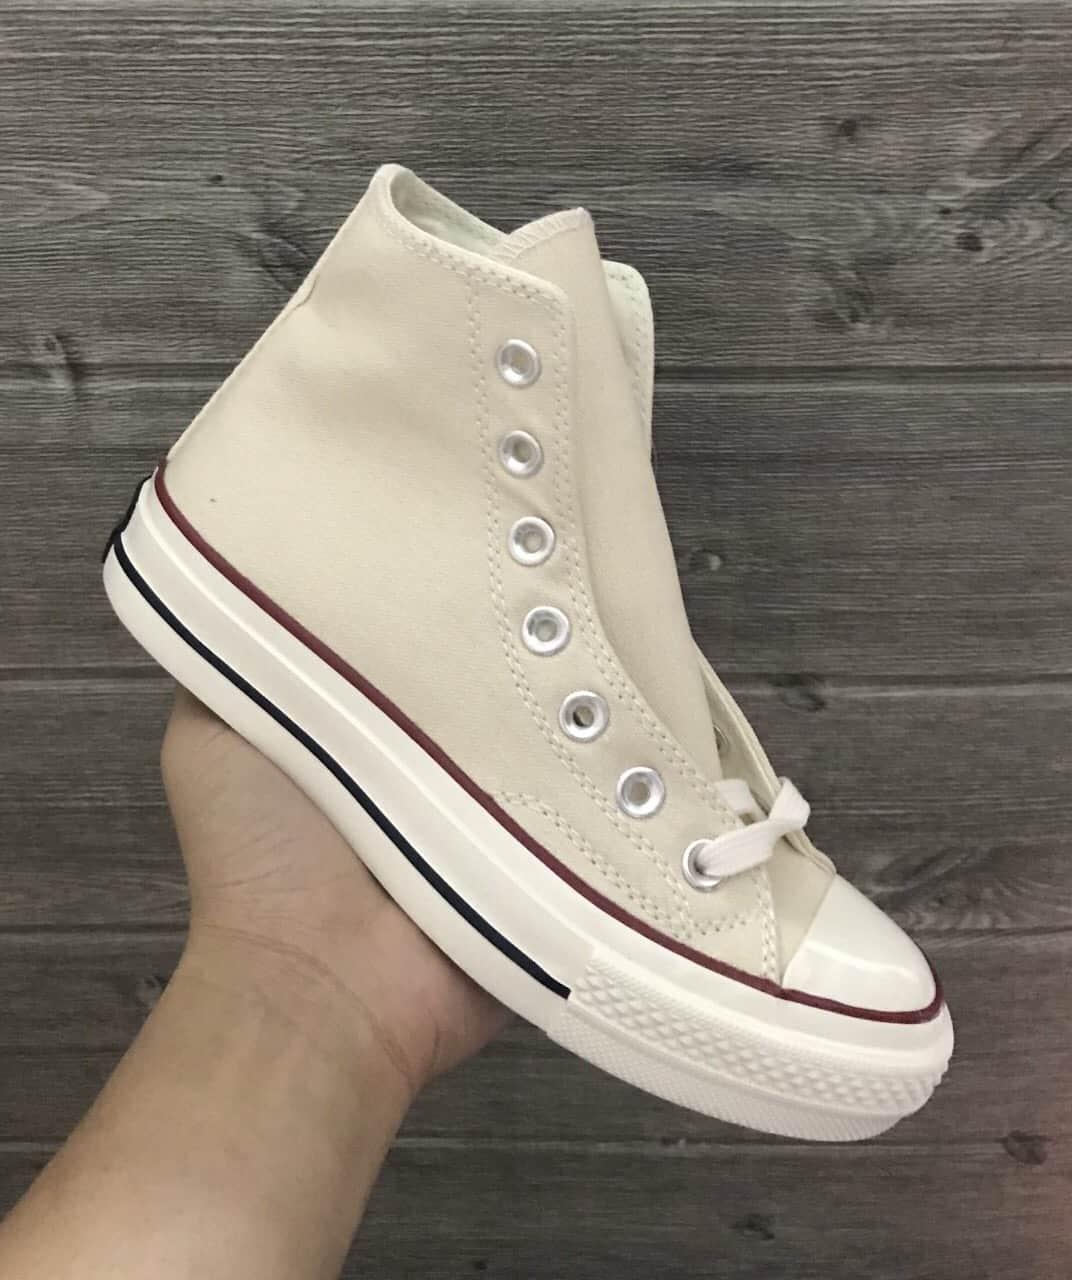 Giày Converse kem trắng cổ cao đang thịnh hành xu hướng thời trang mới hiện nay